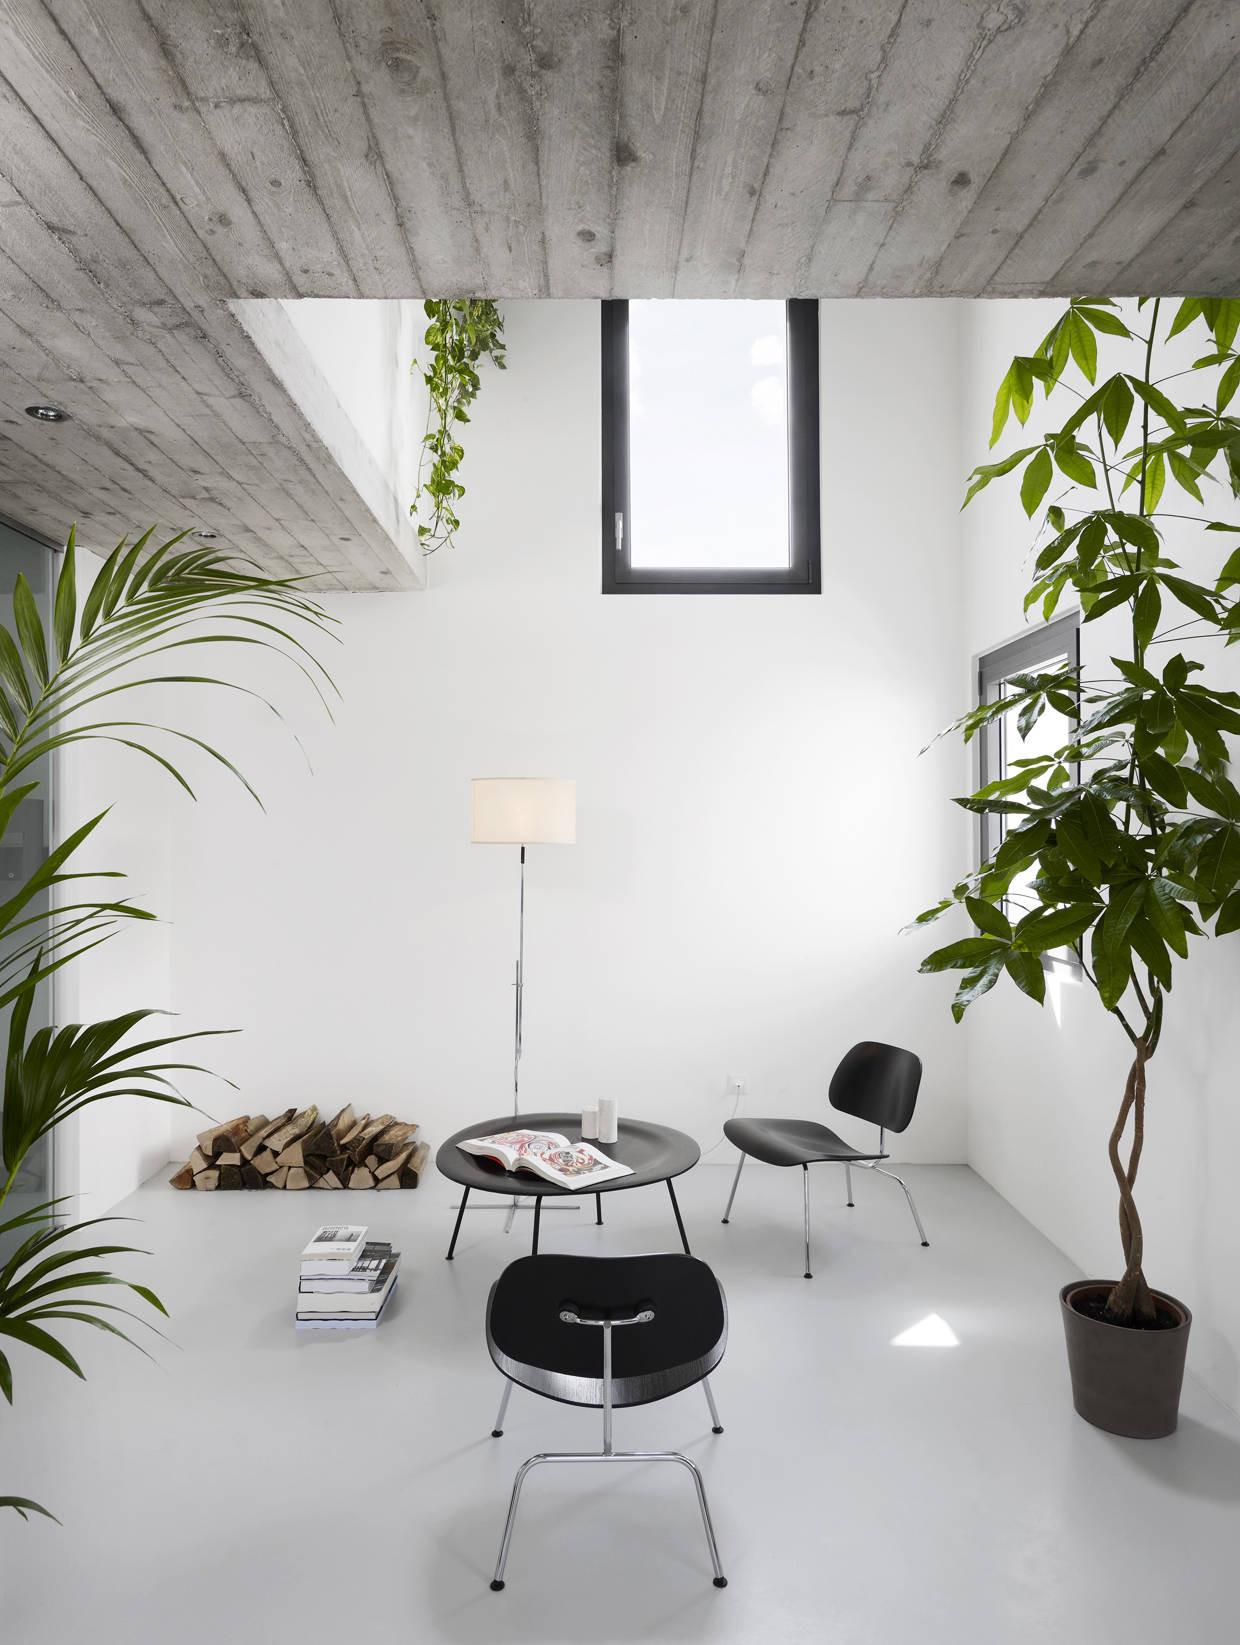 Rizza House / Studio Inches Architettura